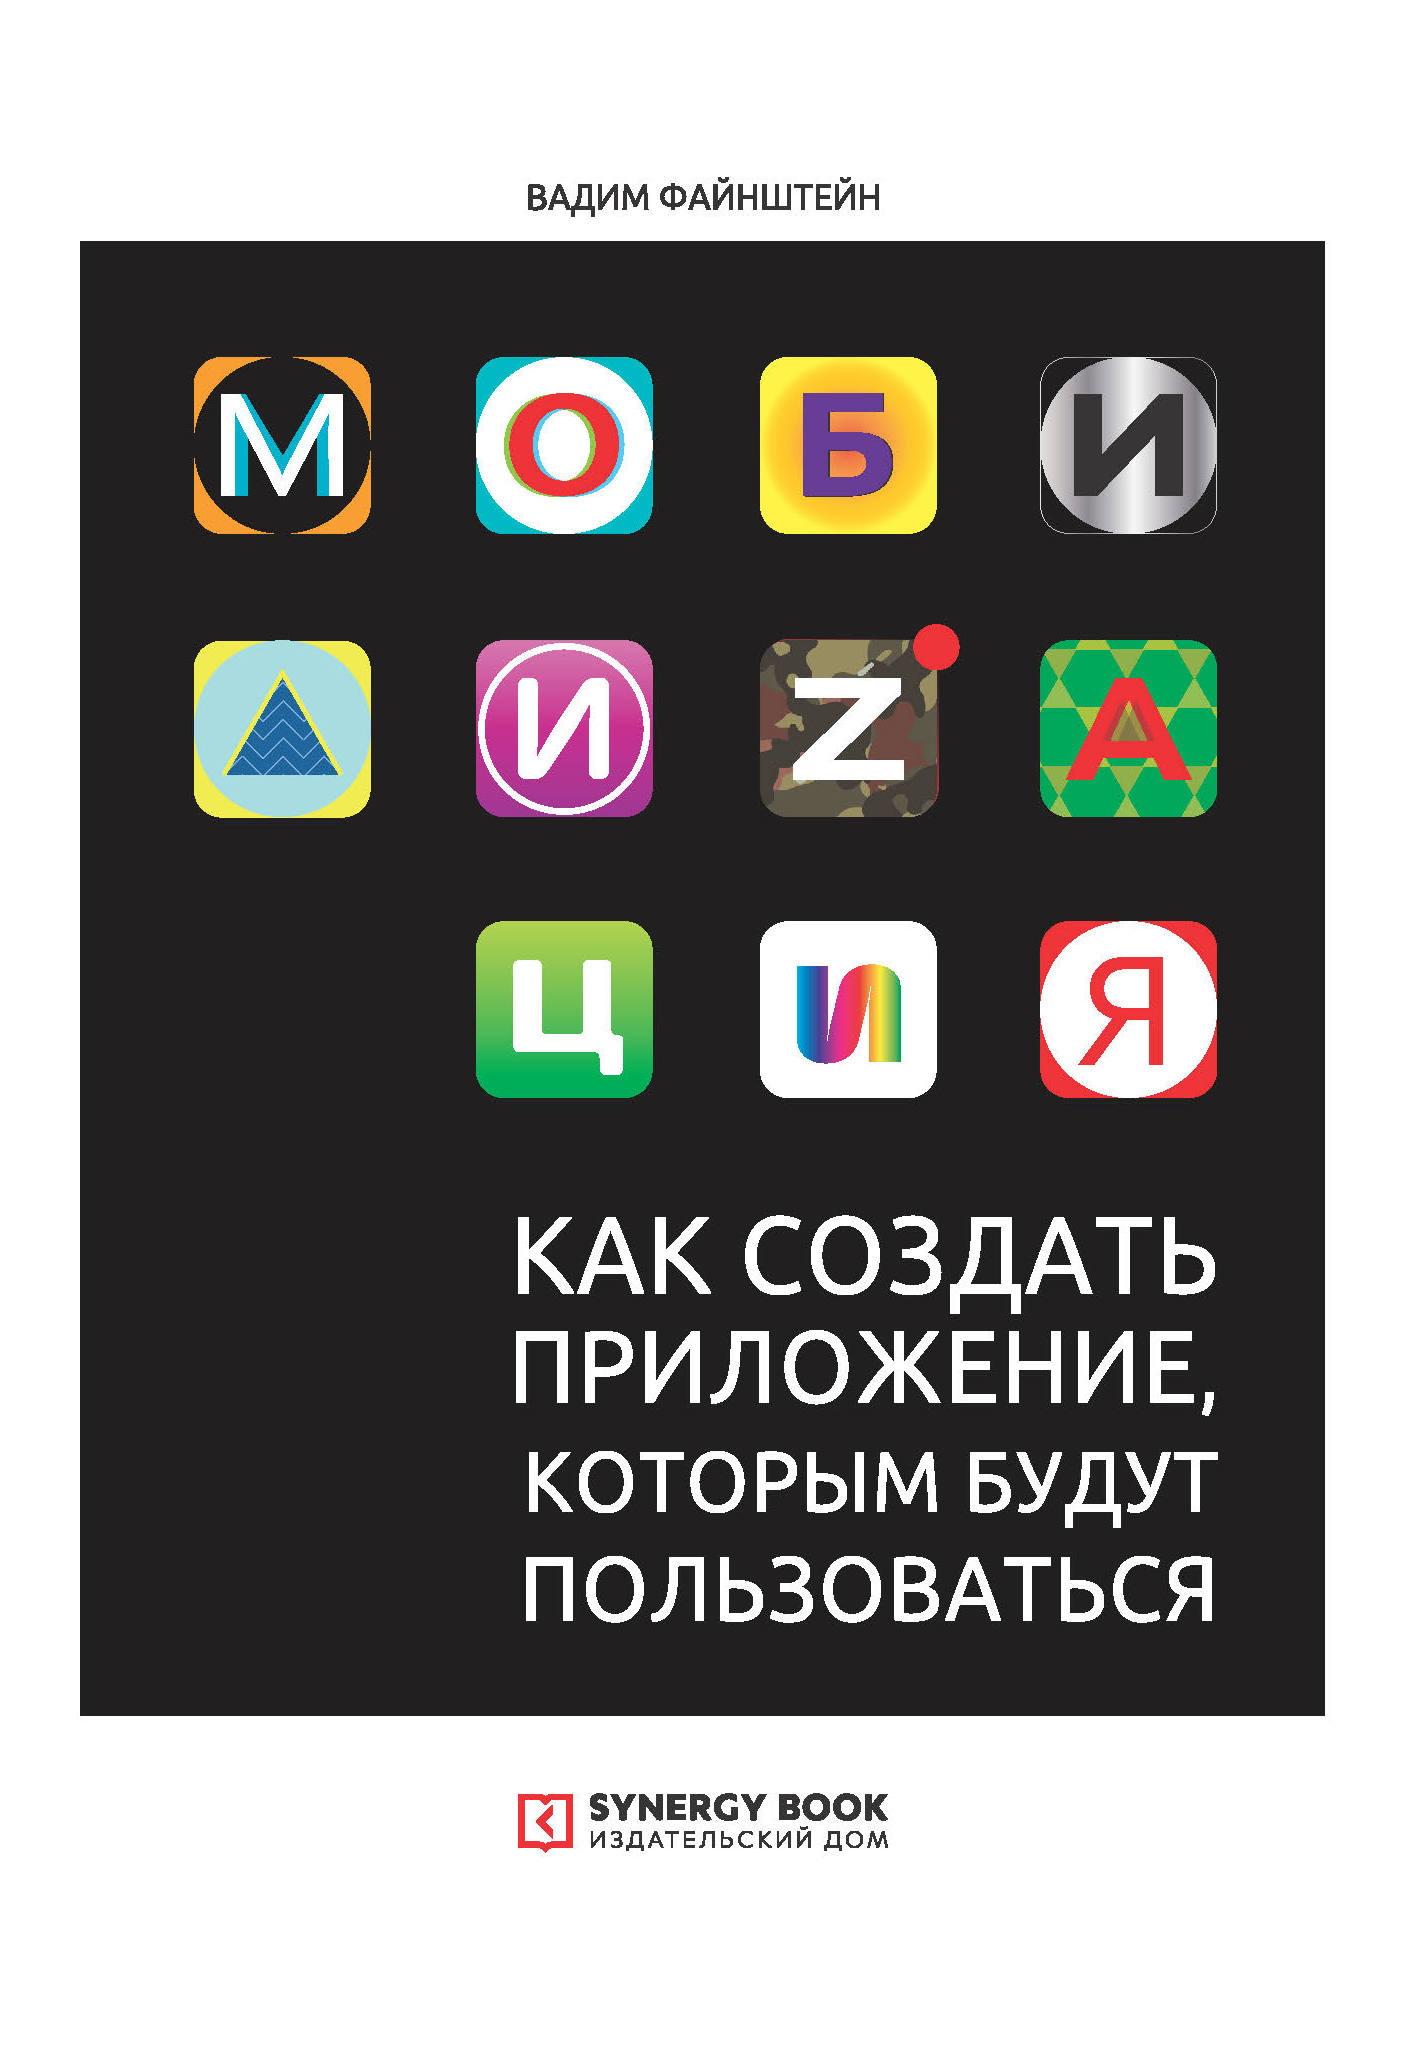 Мобилизация. Как создать приложение, которым будут пользоваться